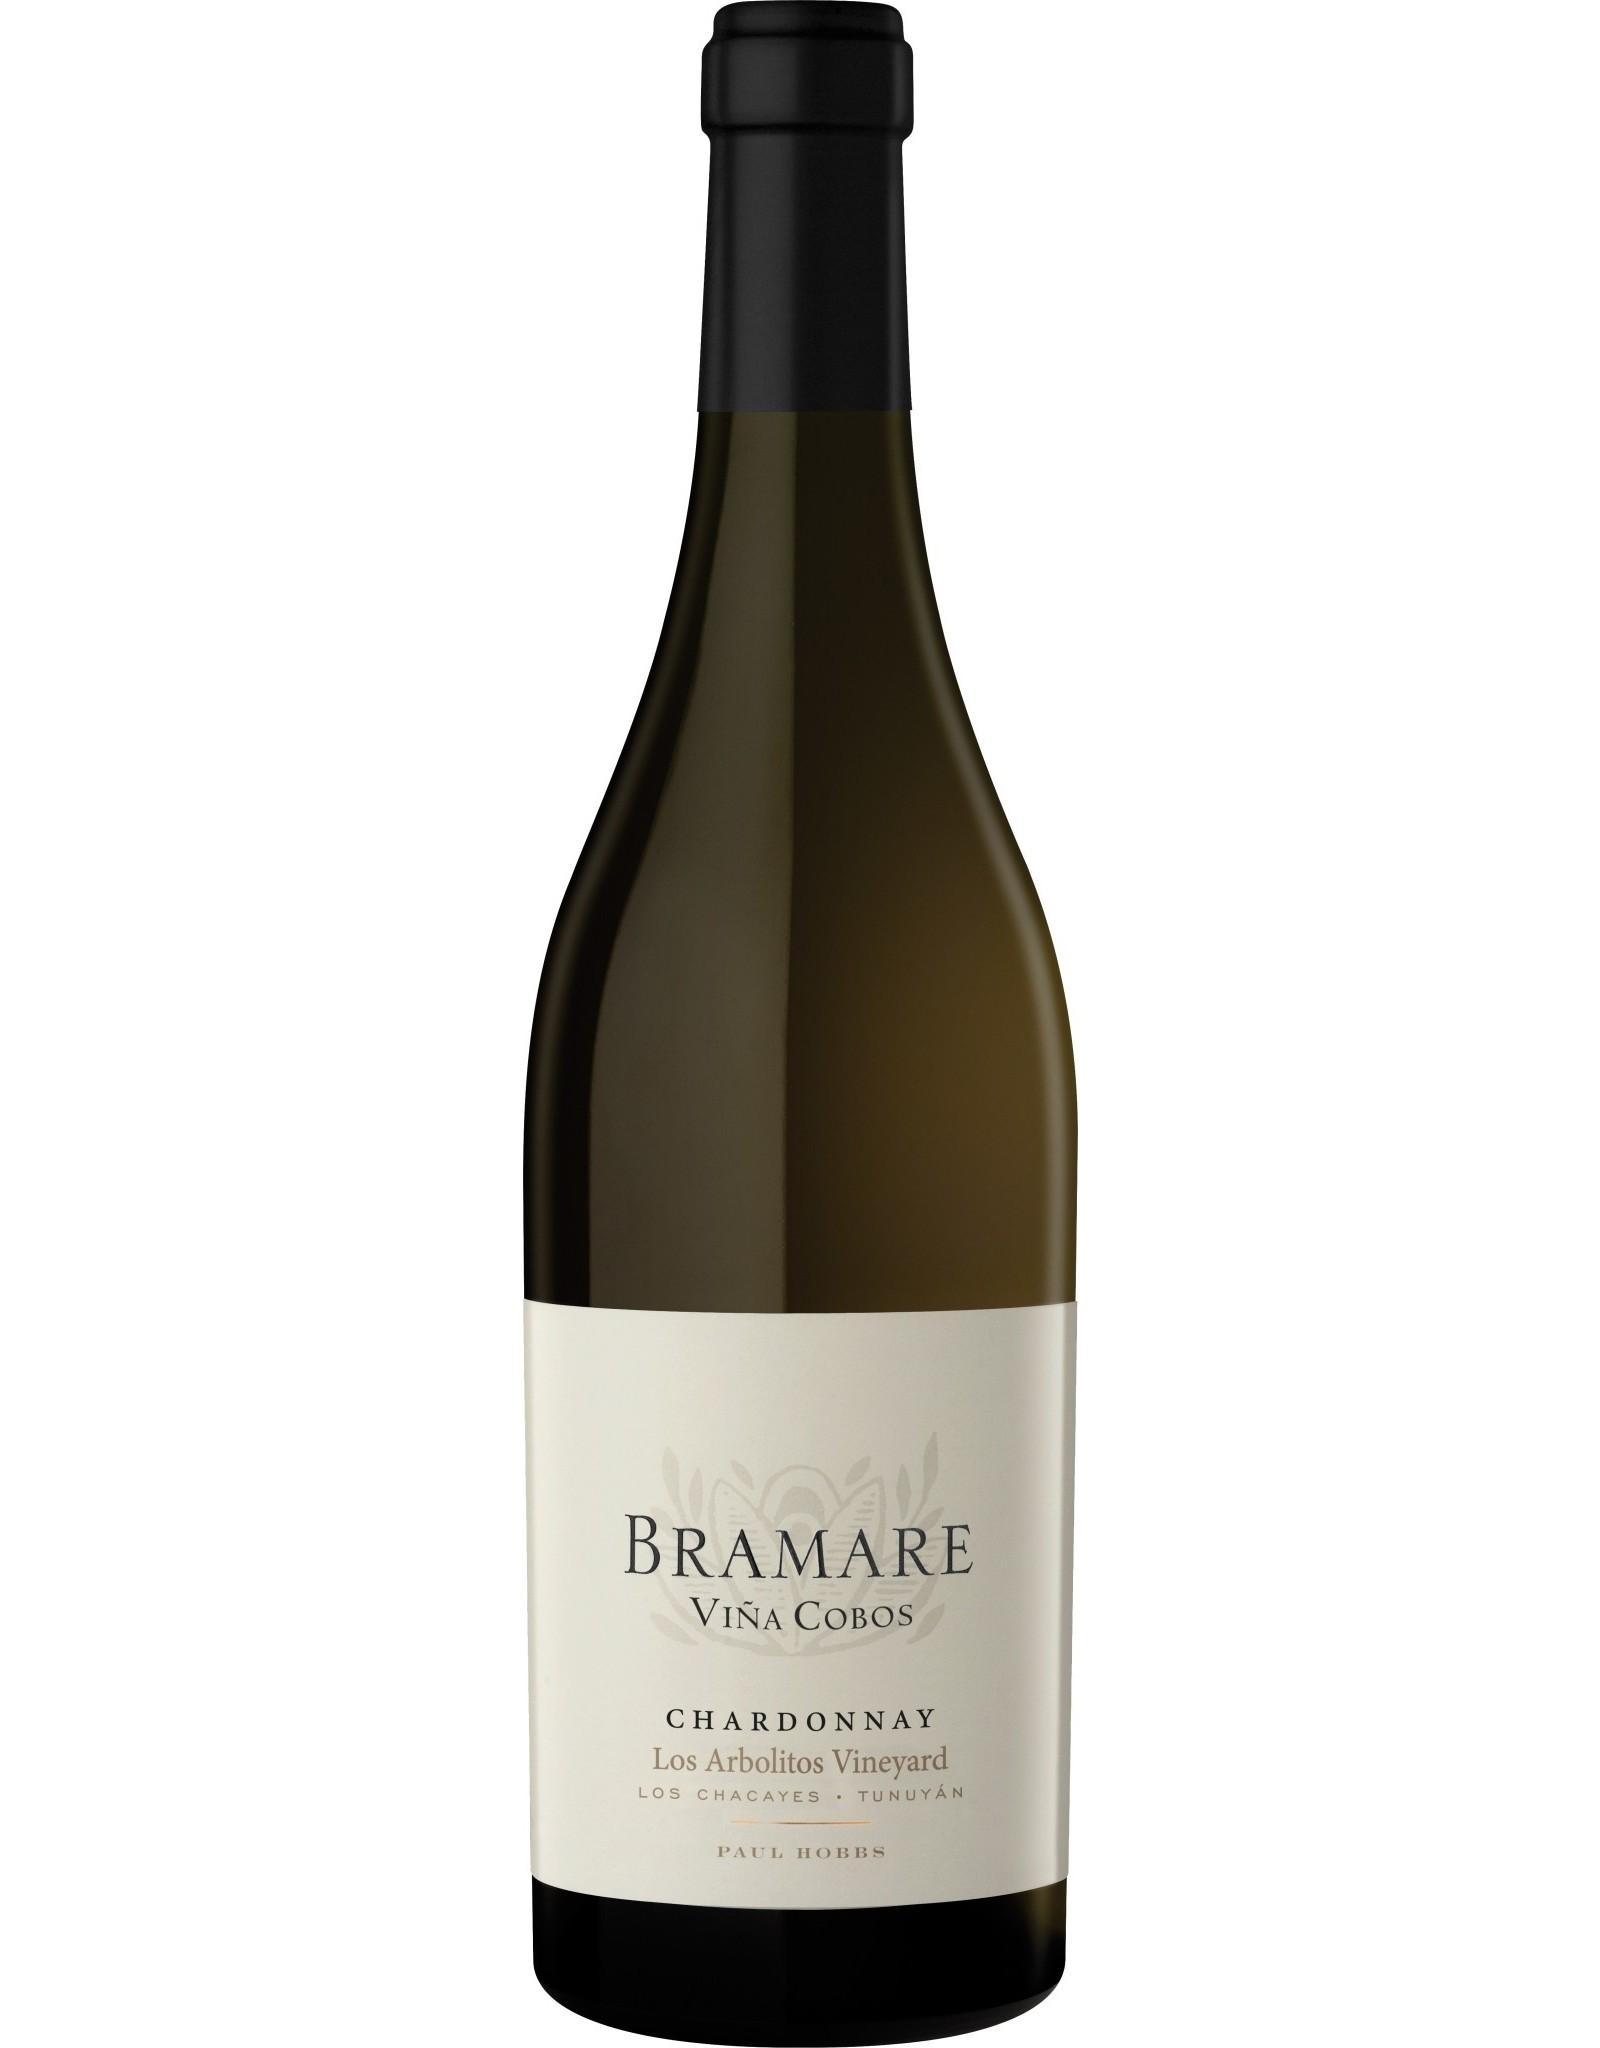 Bramare Los Arbolitos Chardonnay 2017